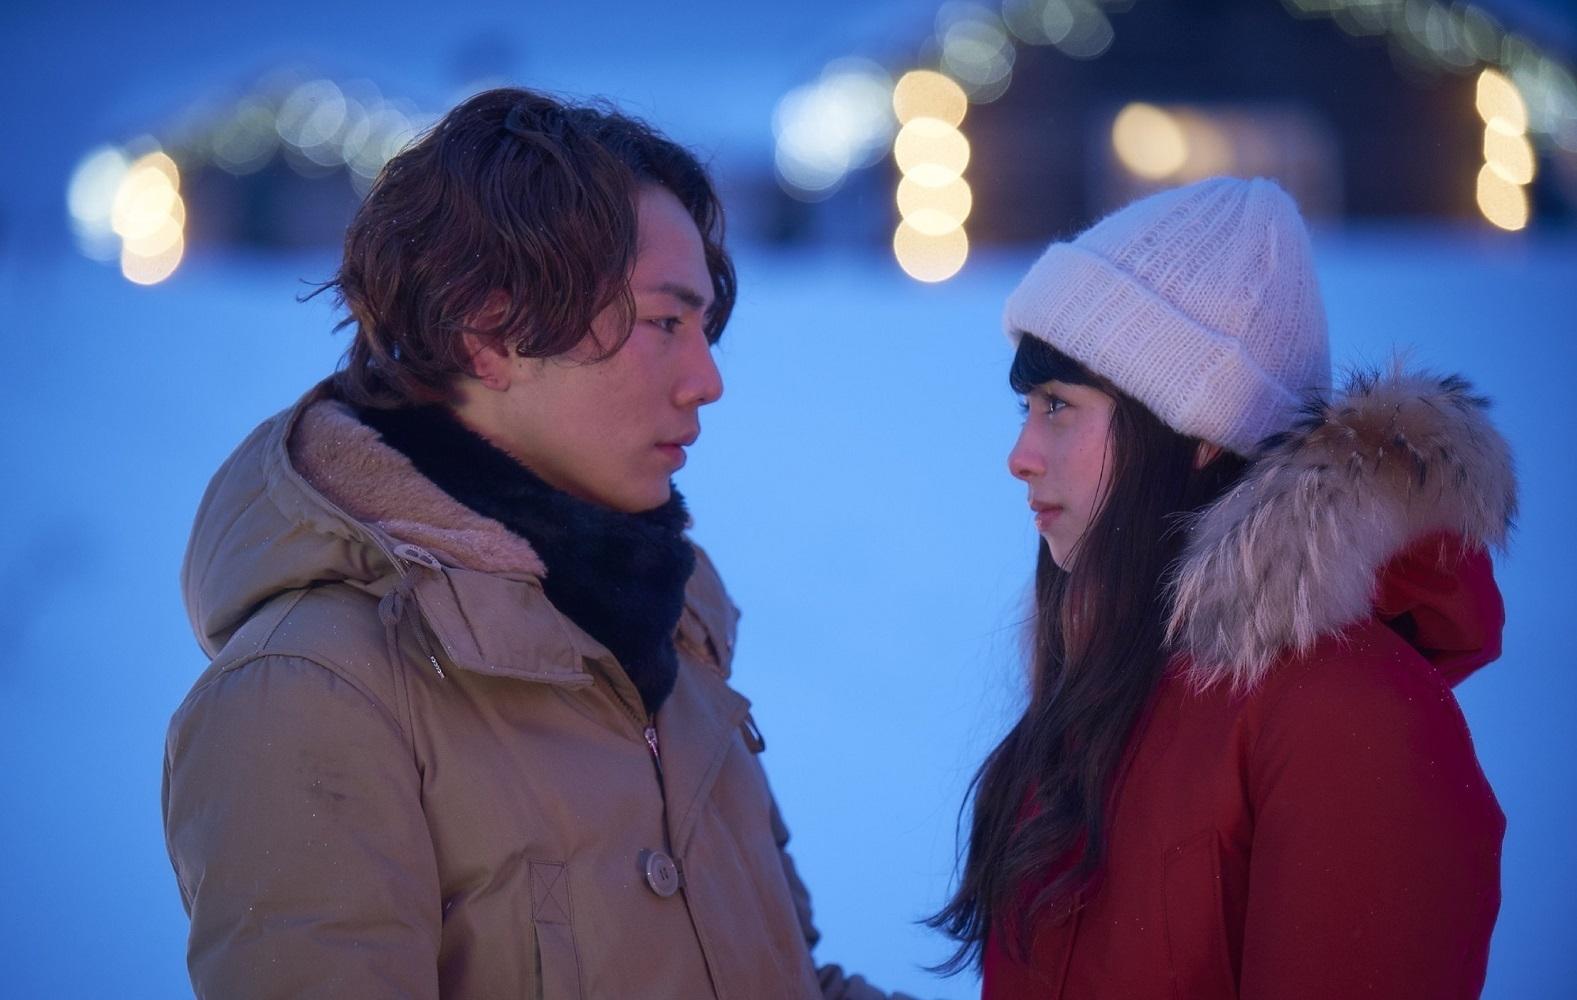 『雪の華』より (C)2019映画「雪の華」製作委員会